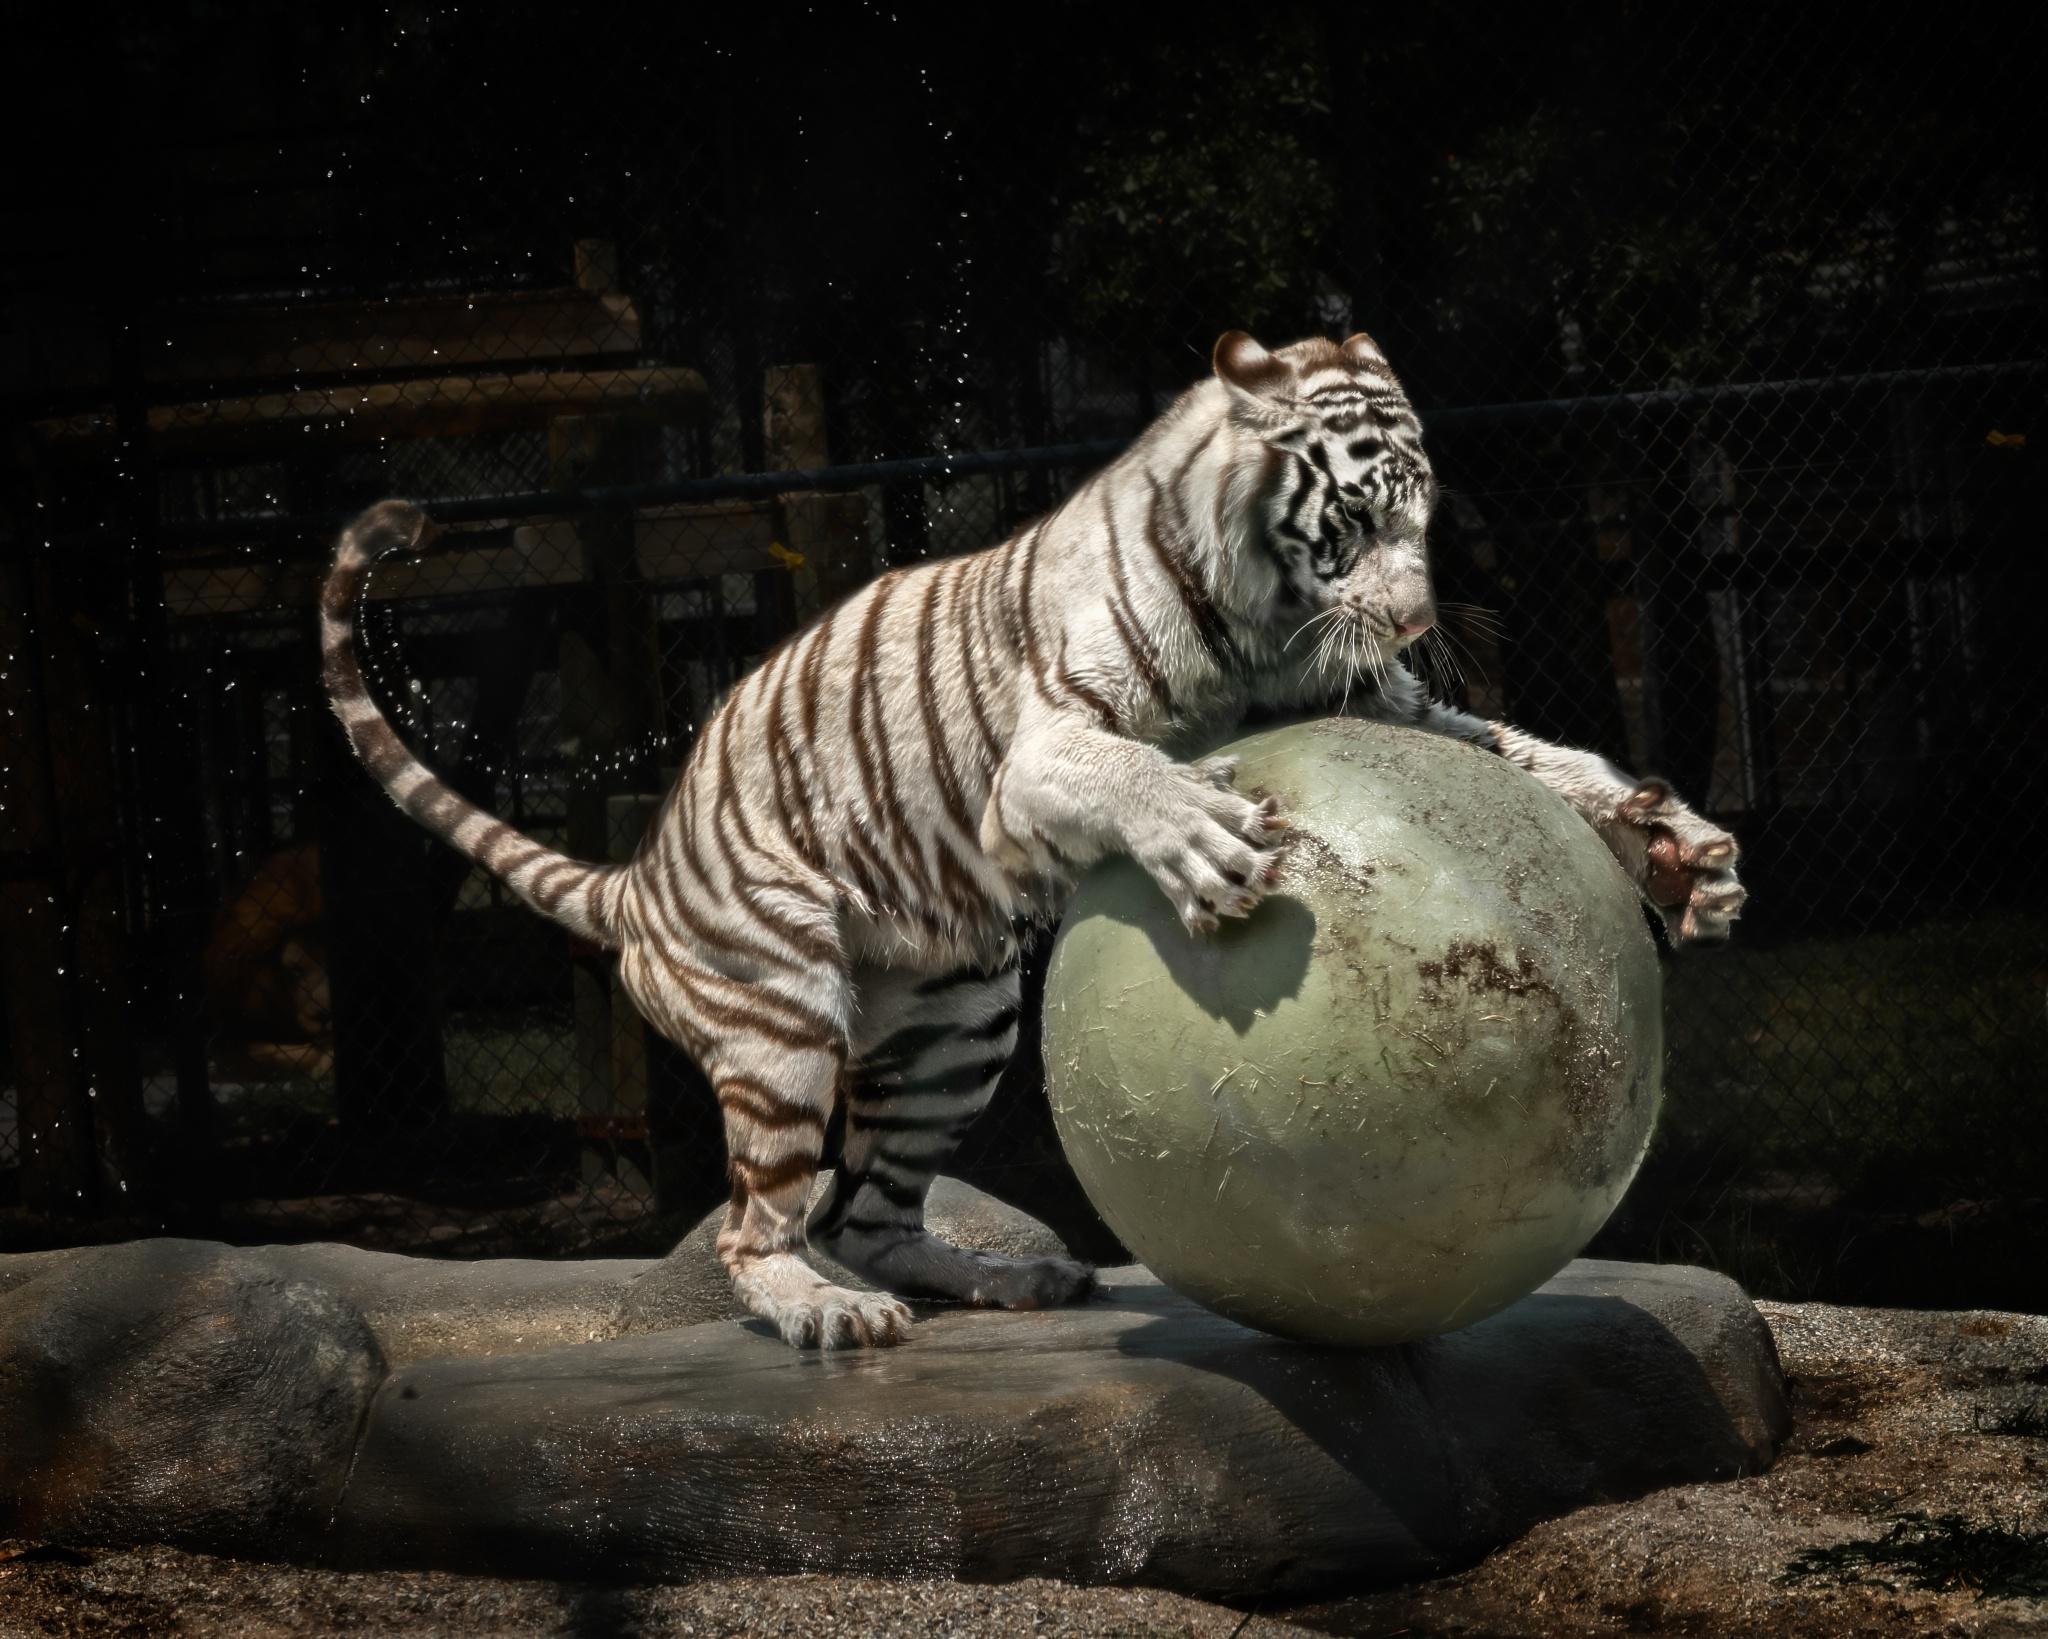 Tiger at play by Tamdan